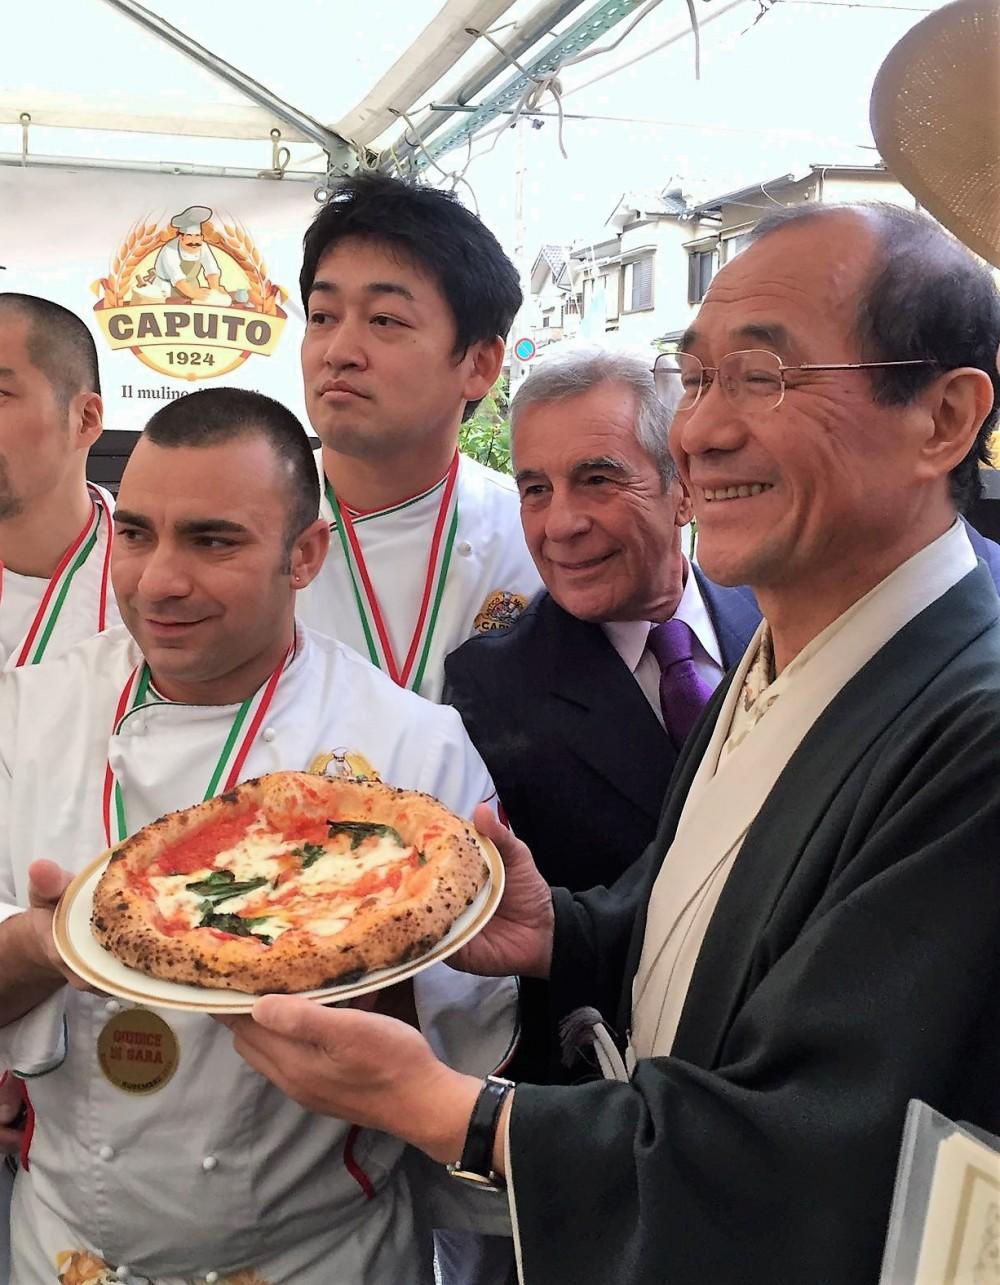 Caputo Cup in Giappone - il sindaco di Kyoto, Daisaku Kadokawa, con Carmine Caputo e Davide Civitiello